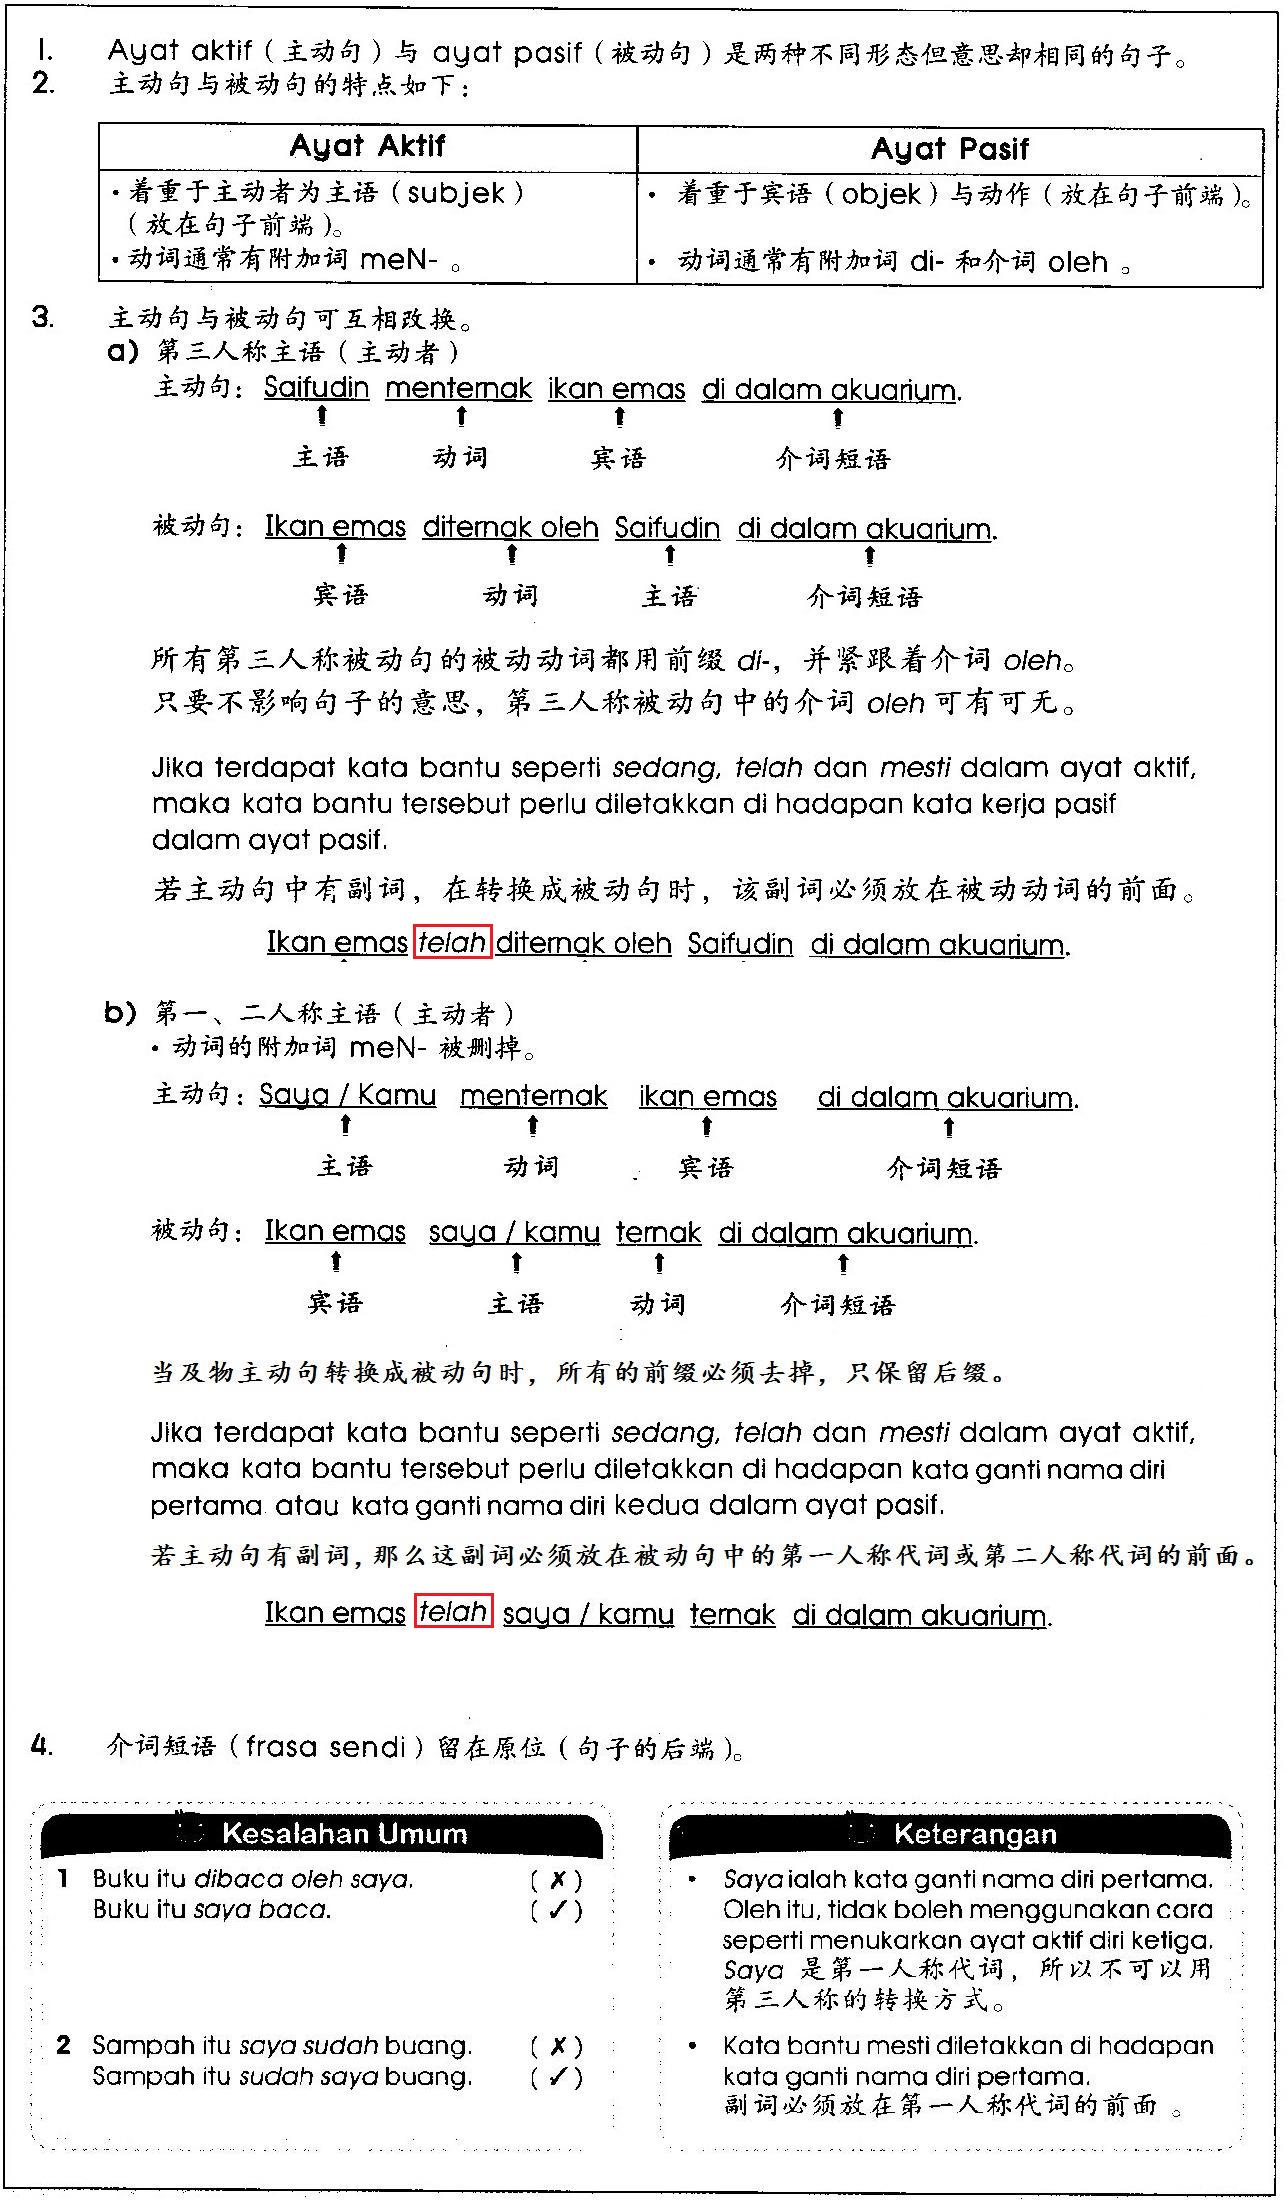 Bm Primary 3 Ayat Aktif Ayat Pasif Notes Life Long Sharing